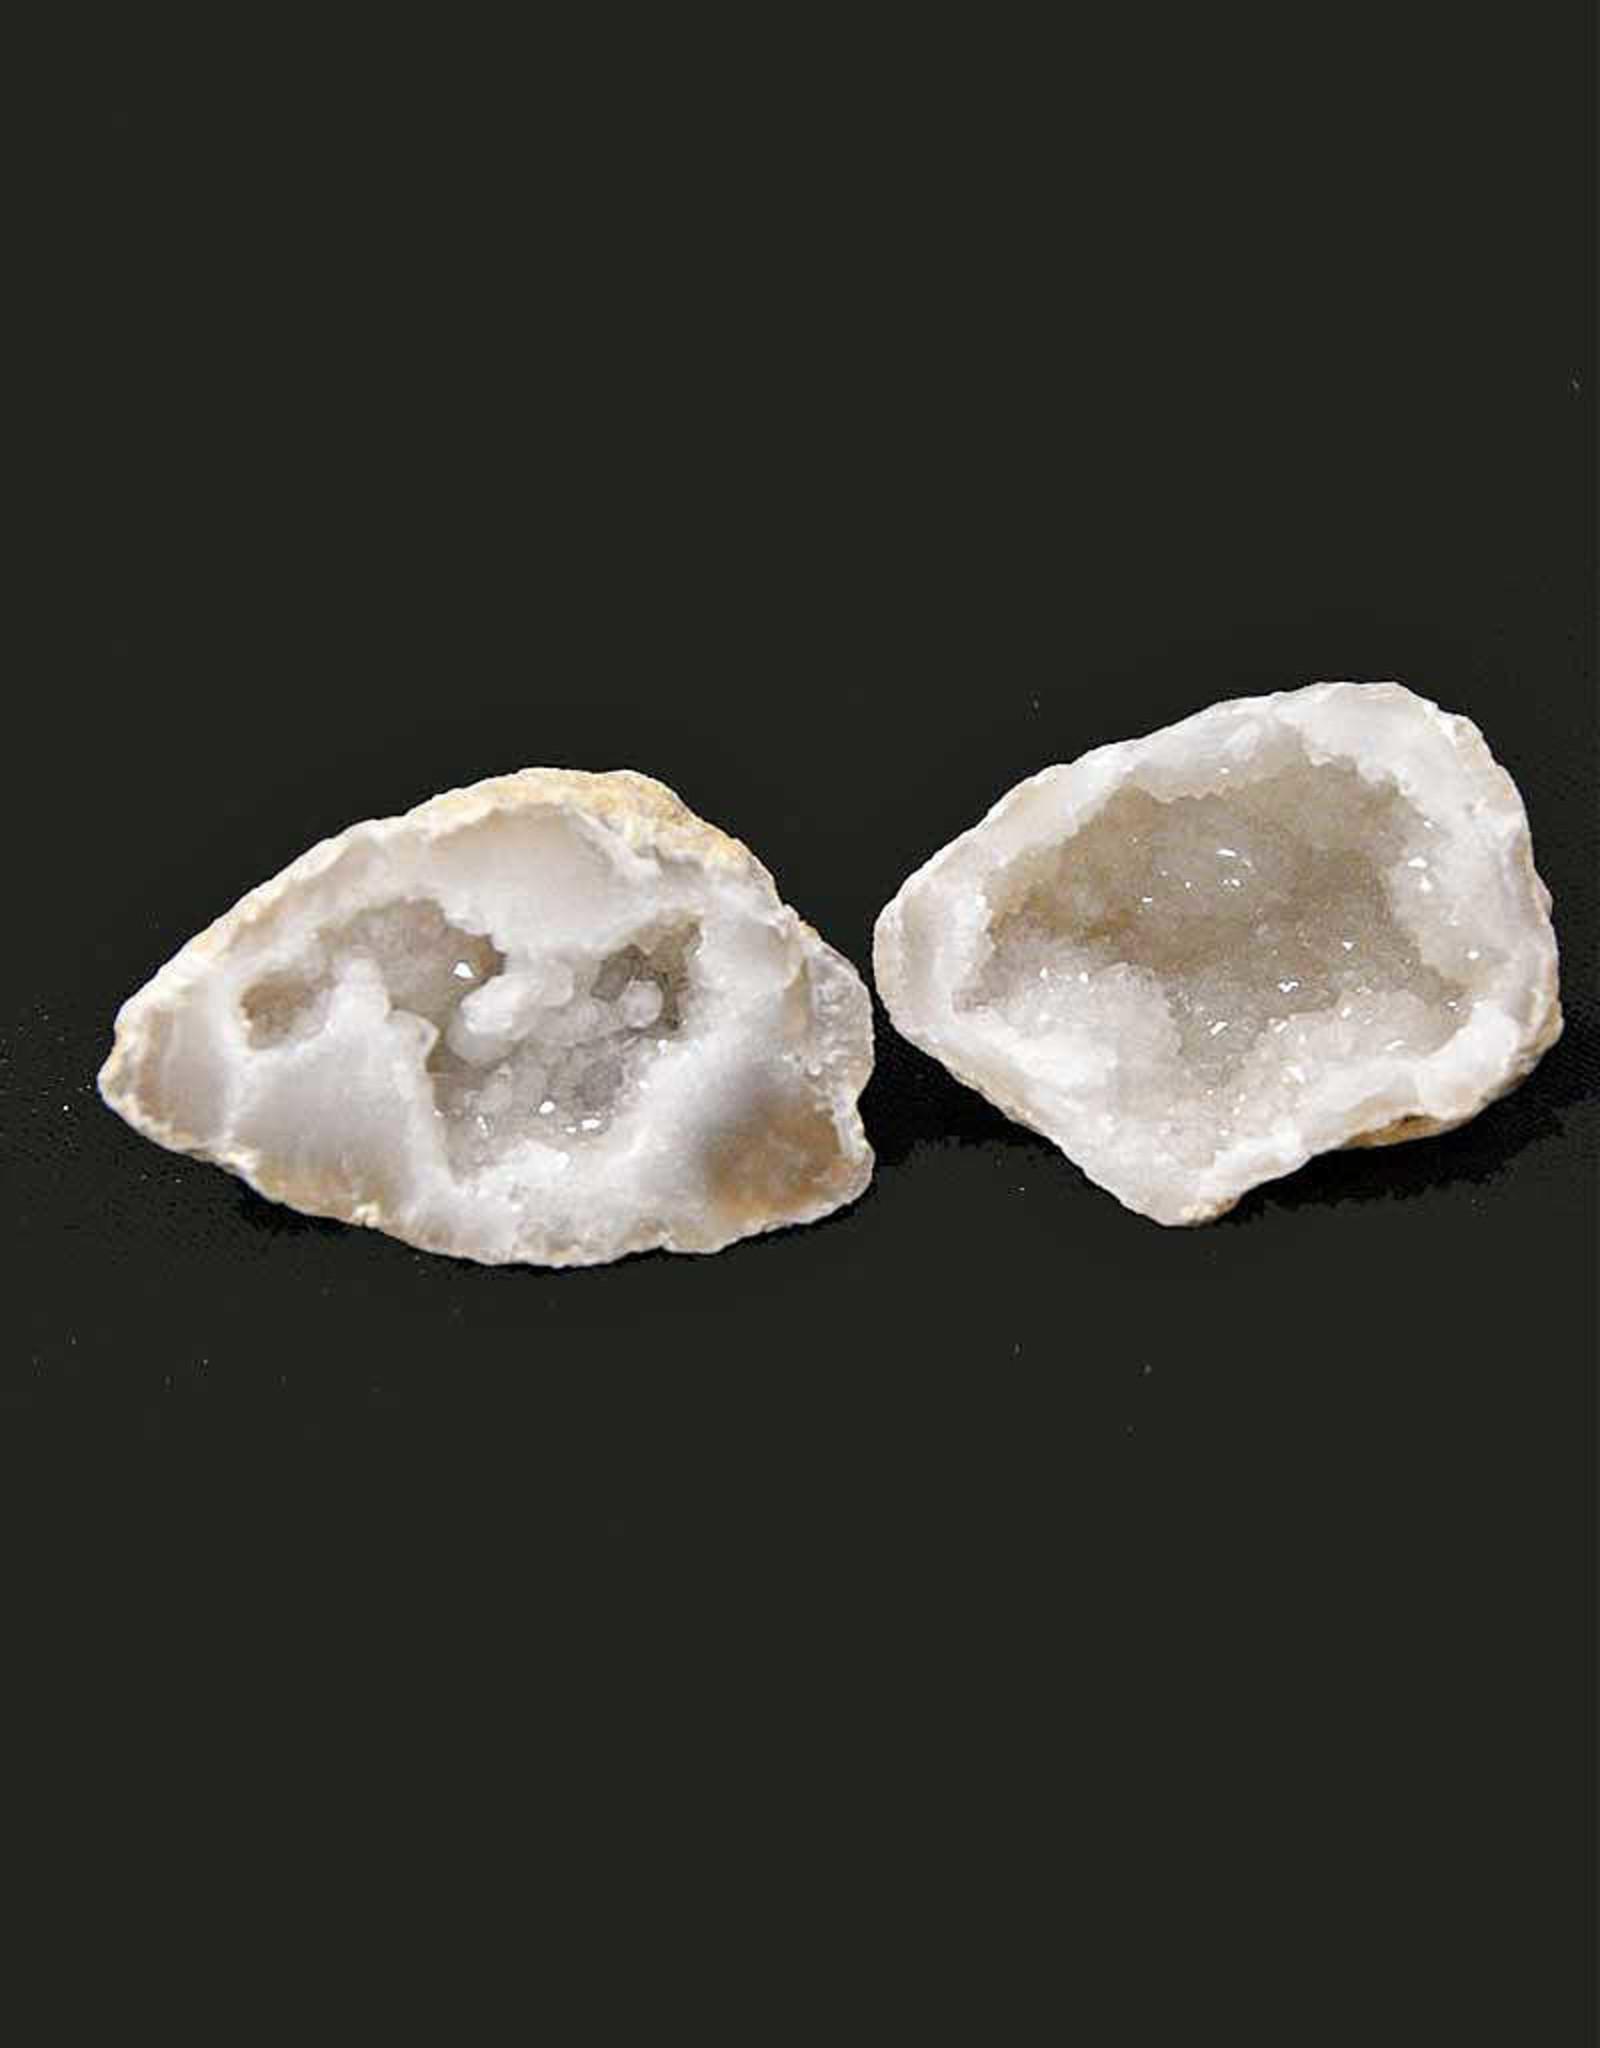 Mini Calcite Geodes